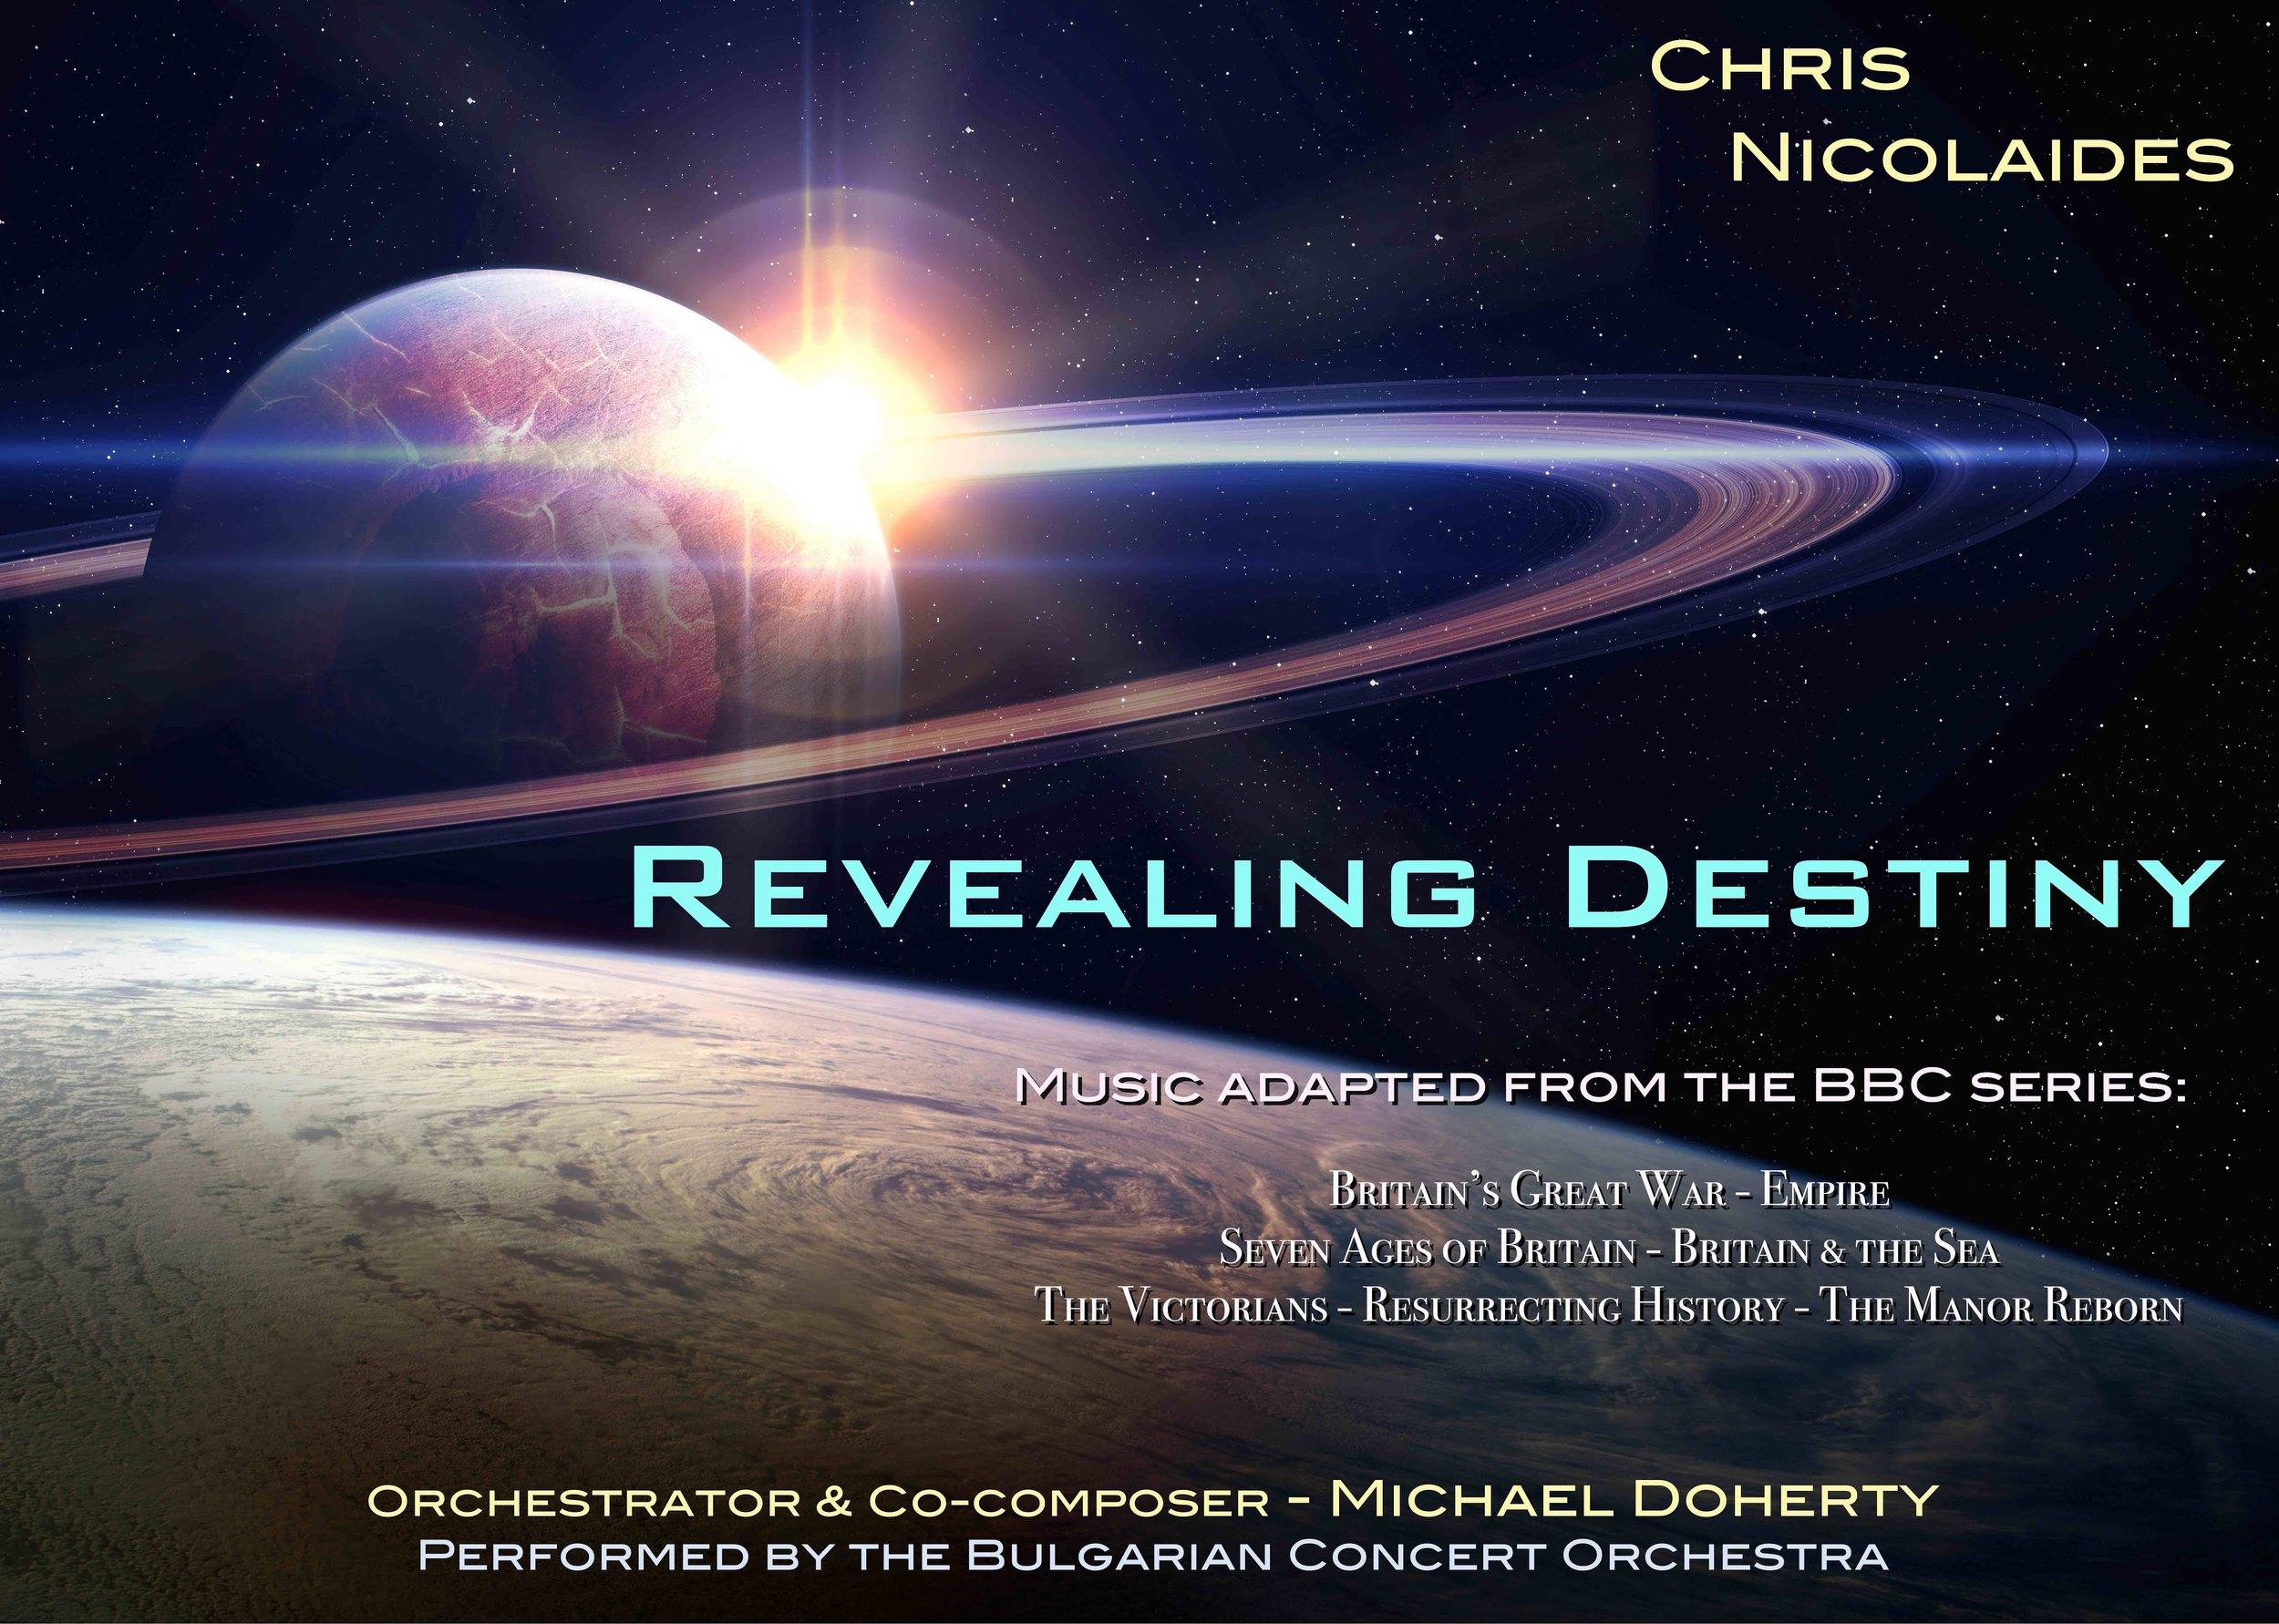 Revealing Destiny - Chris Nicolaides